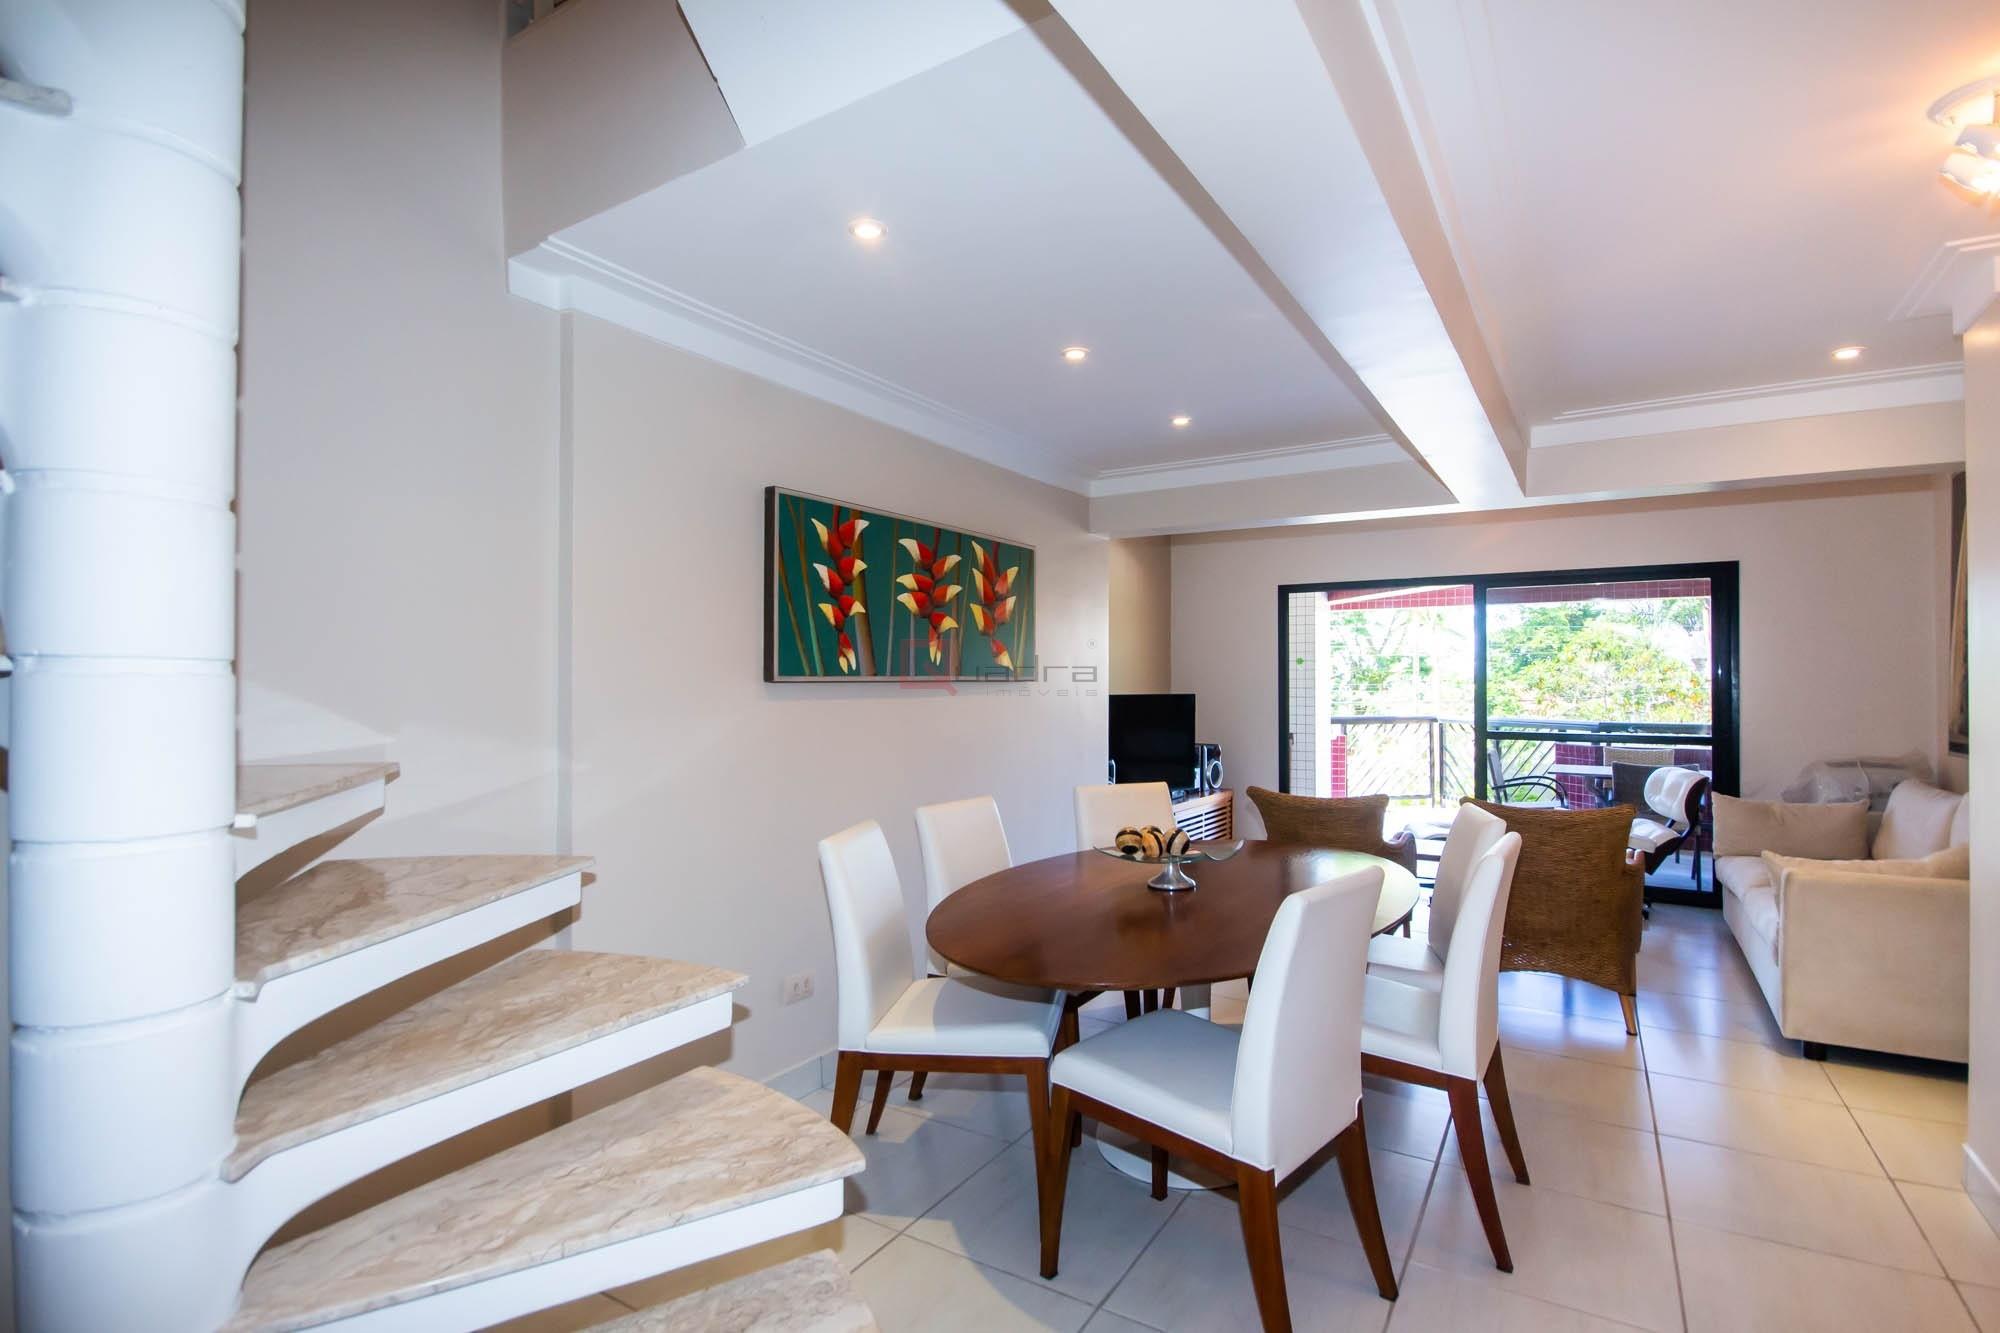 Apartamento com 3 dormitórios (1 suíte) à venda em Caraguatatuba, no bairro Balneário Califórnia